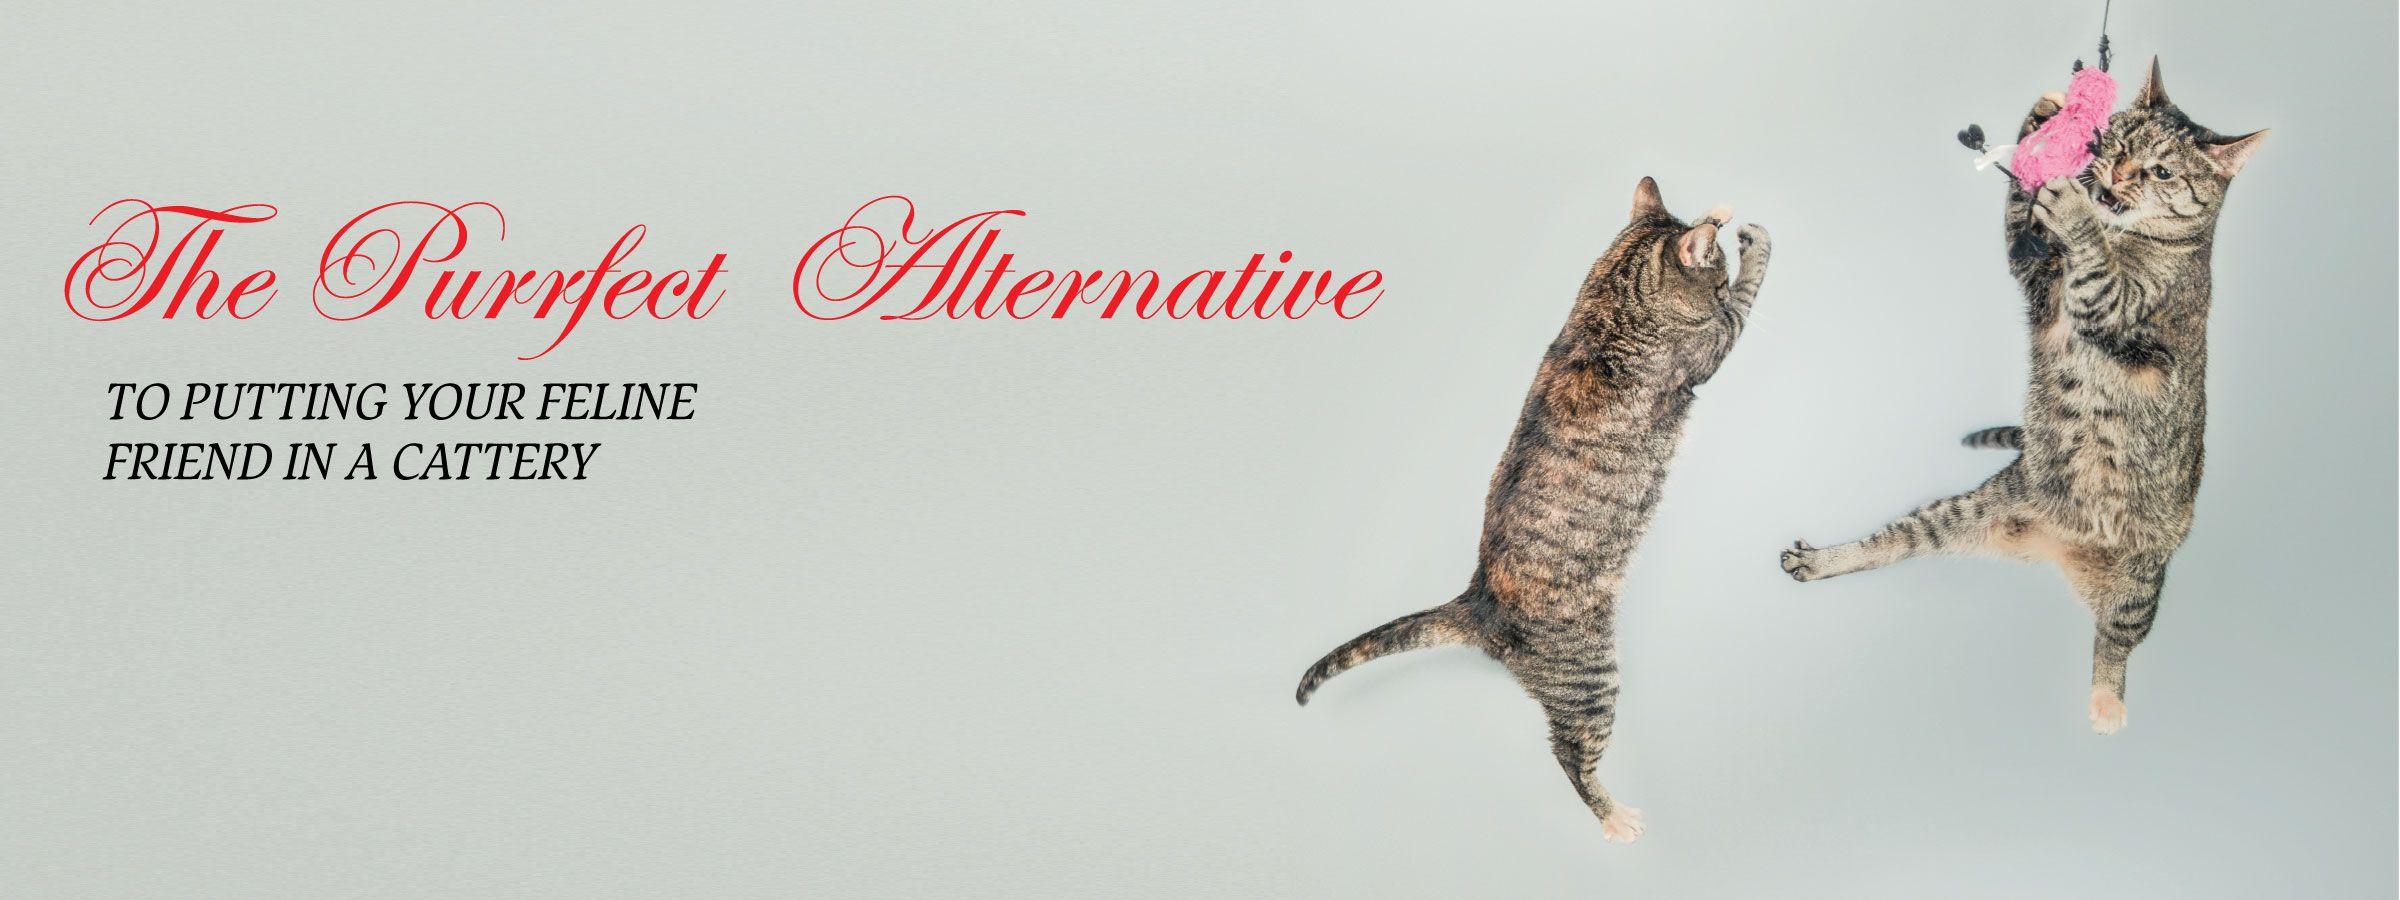 purrfect-alternative